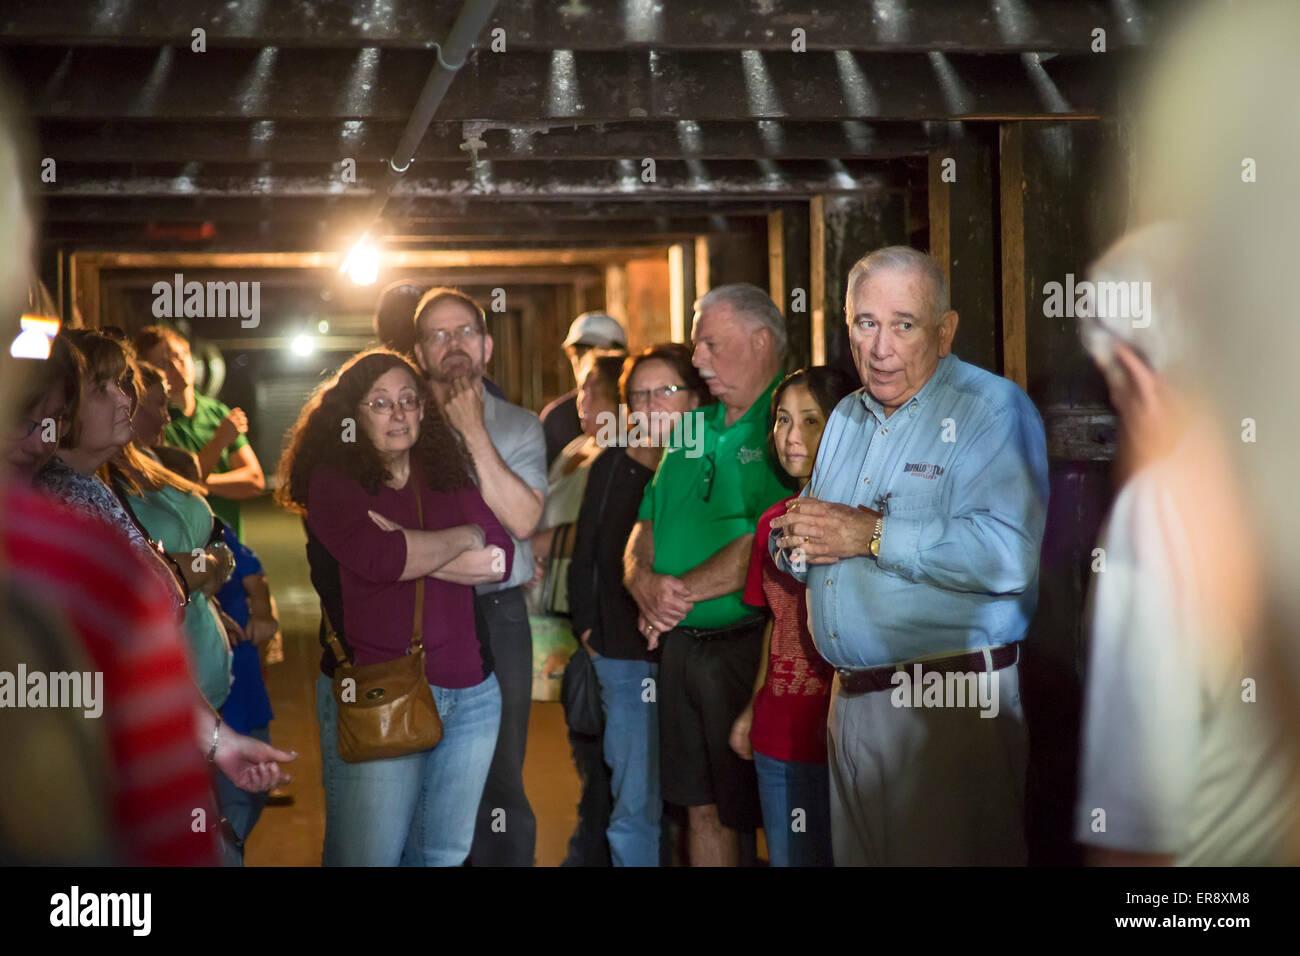 Frankfort, Kentucky - Un guide touristique (chemise bleue) emmène les touristes à travers le vieillissement Photo Stock